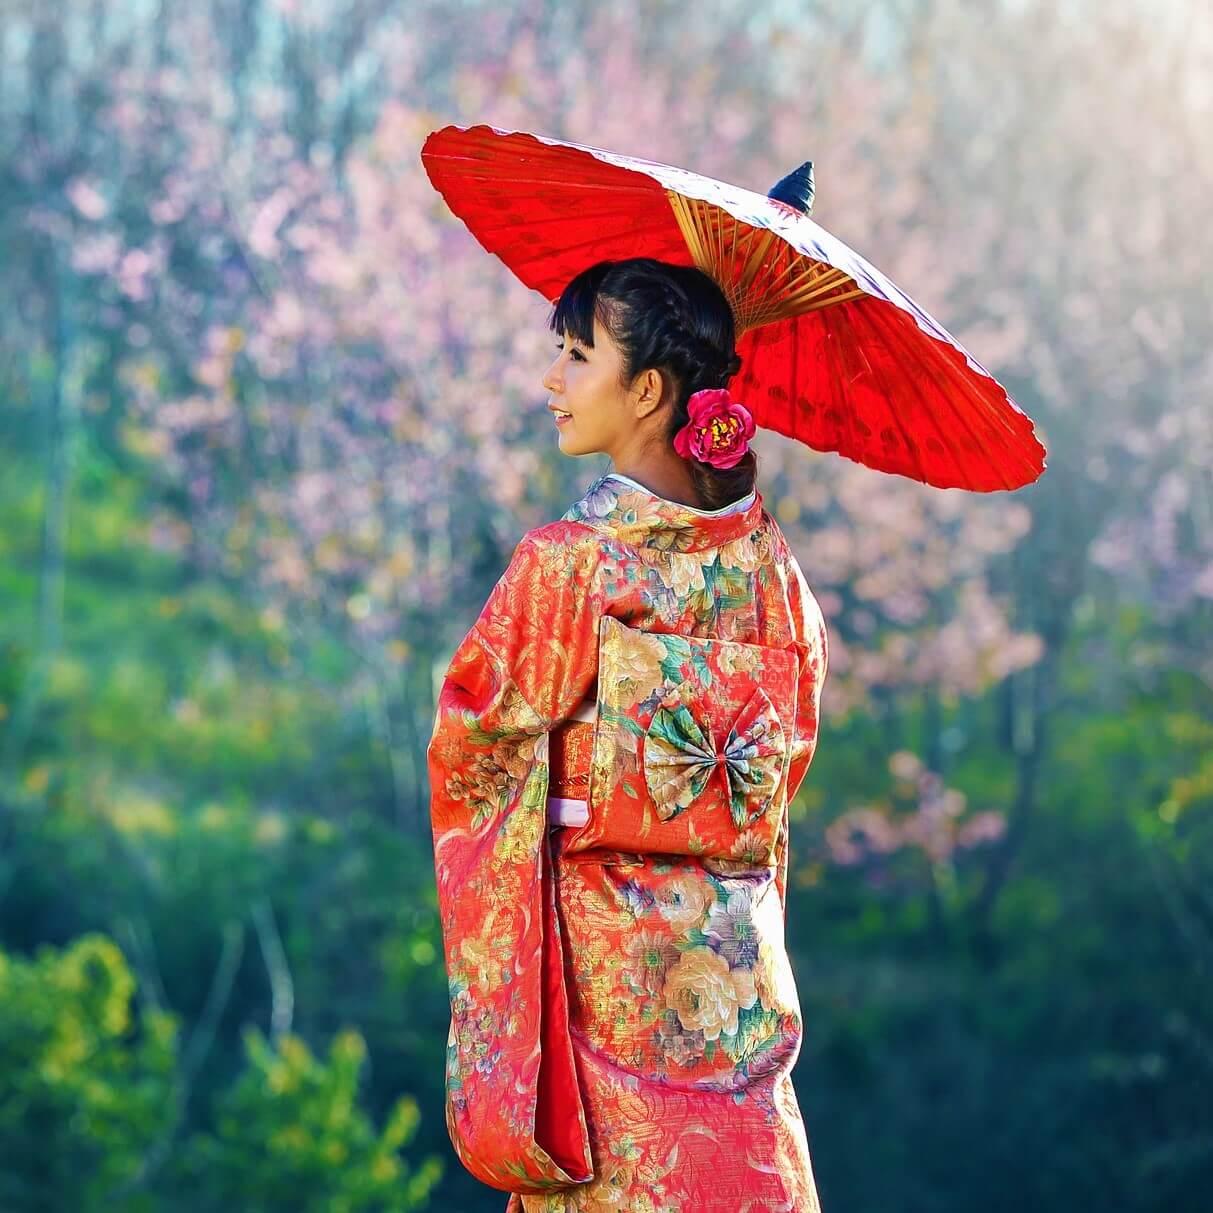 количество картинка китаец с кругом за спиной личной жизни